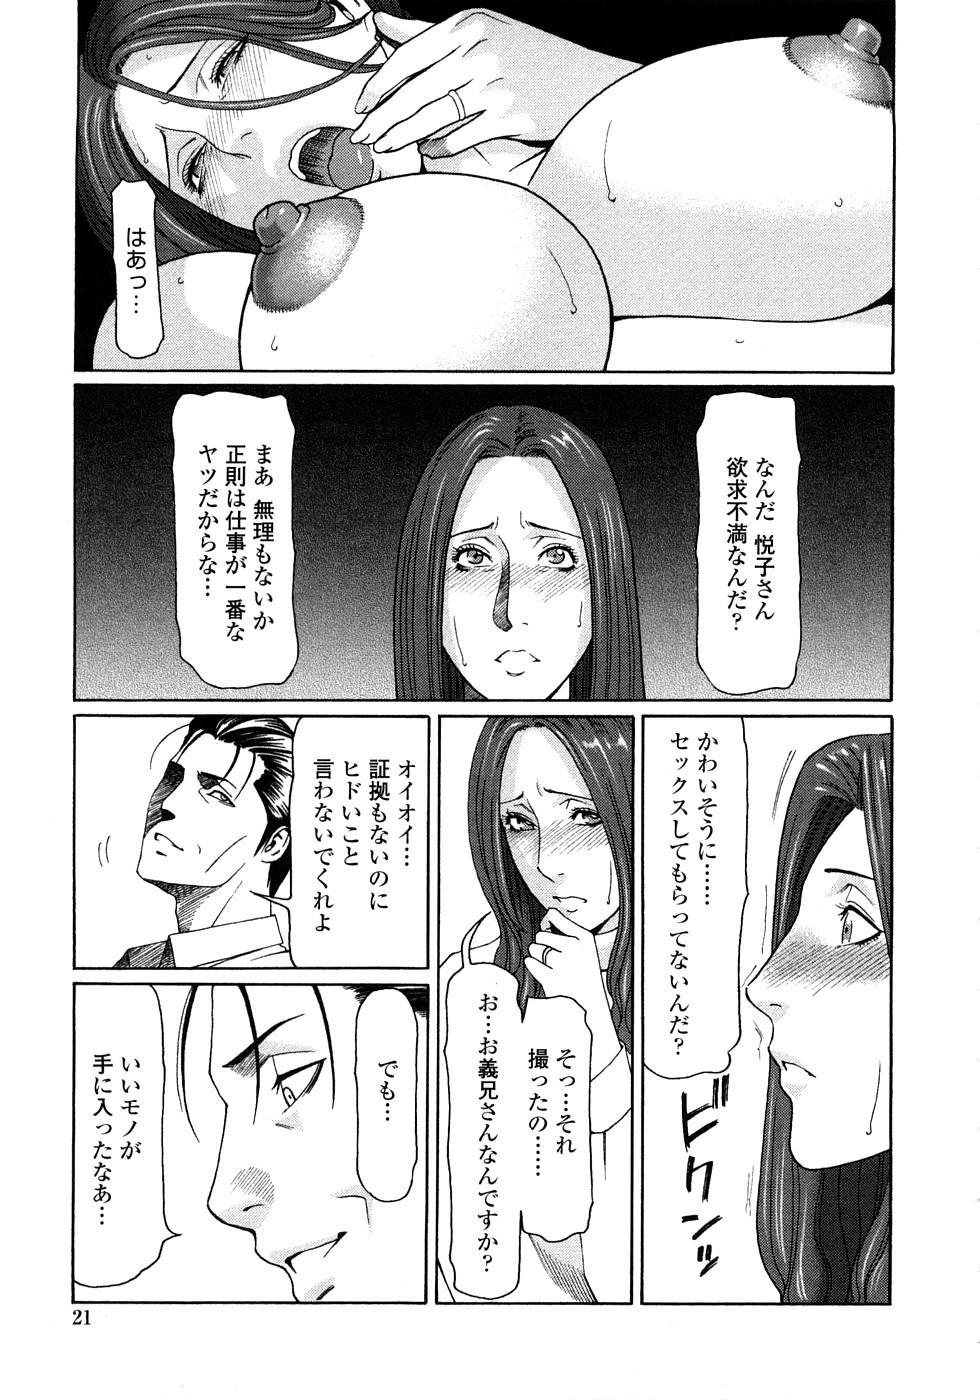 Etsuraku no Tobira - The Door of Sexual Pleasure 19